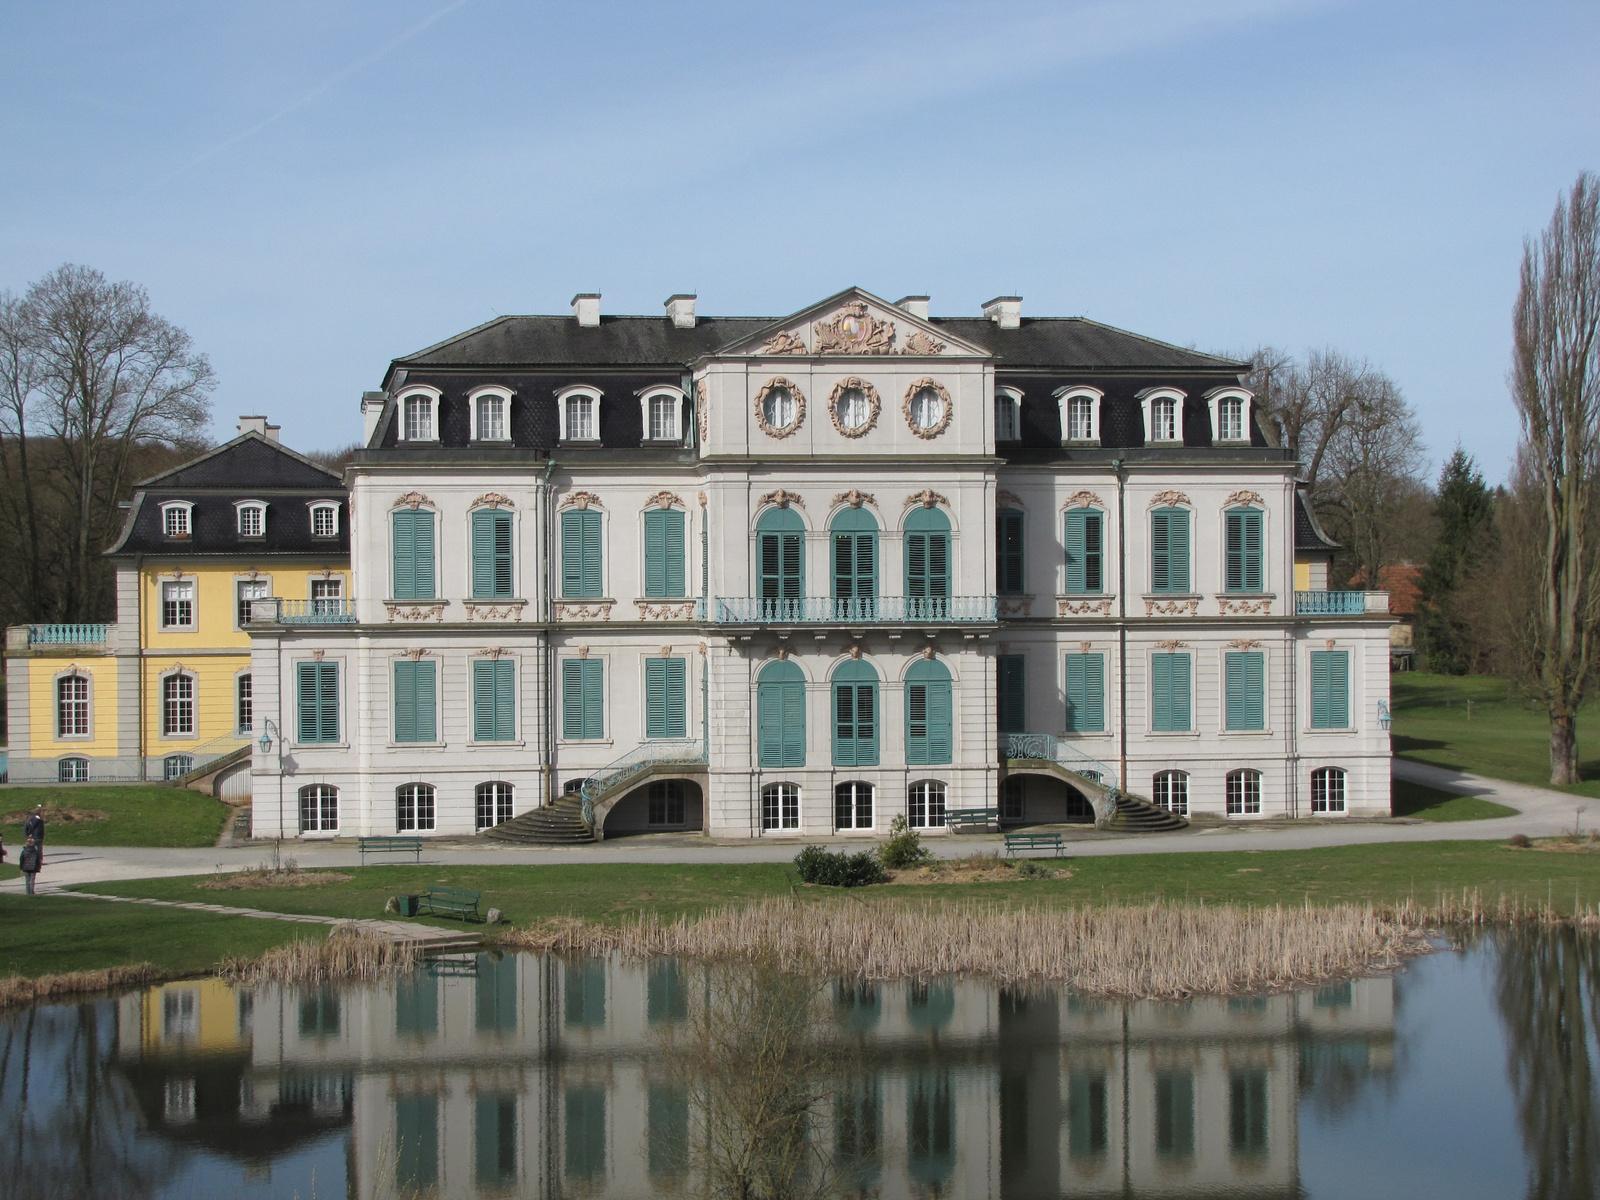 Németország, Calden, Schloß Wilhelmsthal, SzG3